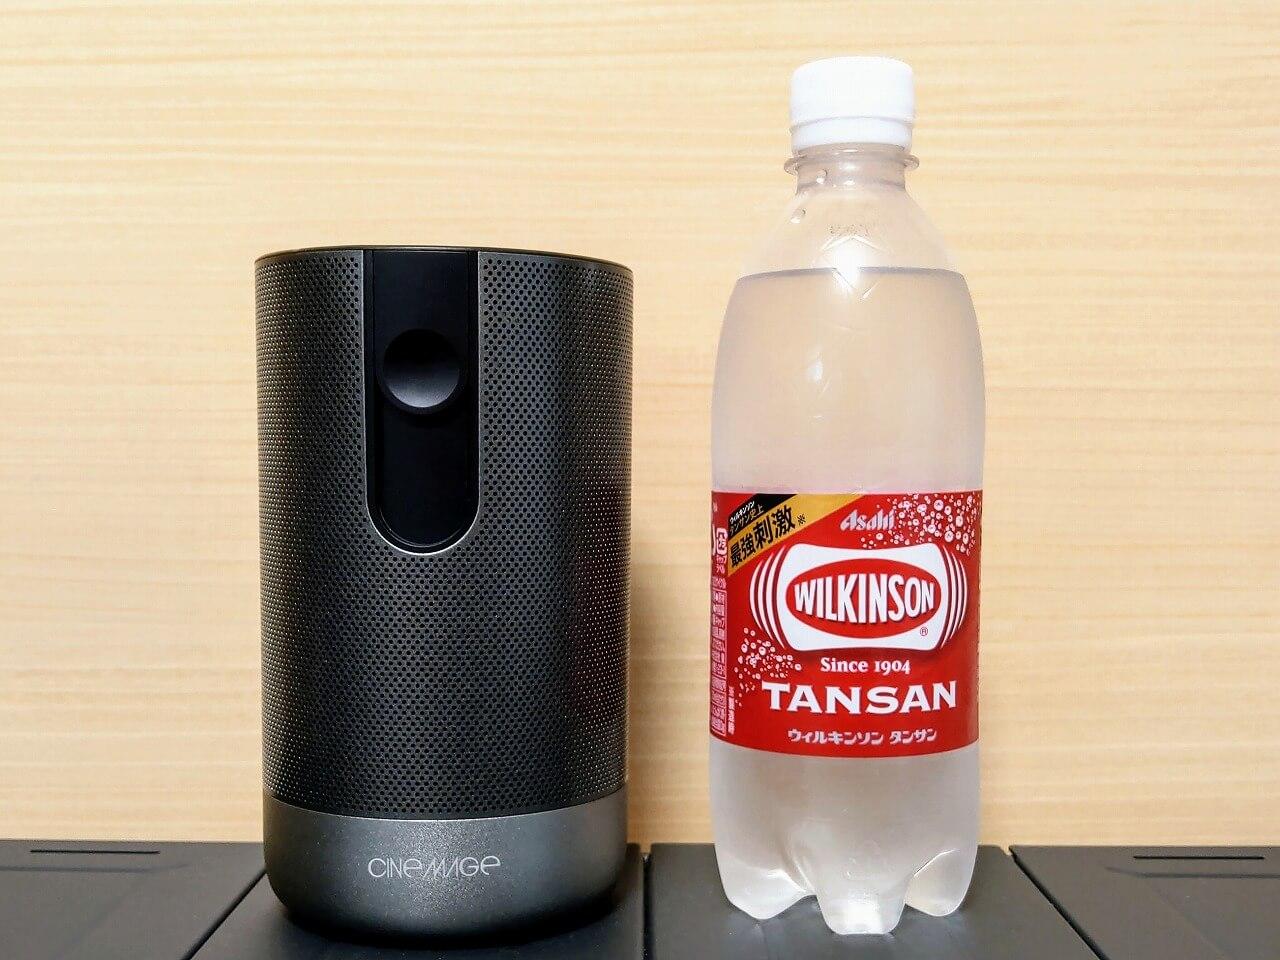 Cinemage シネマージュ モバイルプロジェクターを500mlペットボトルと比較